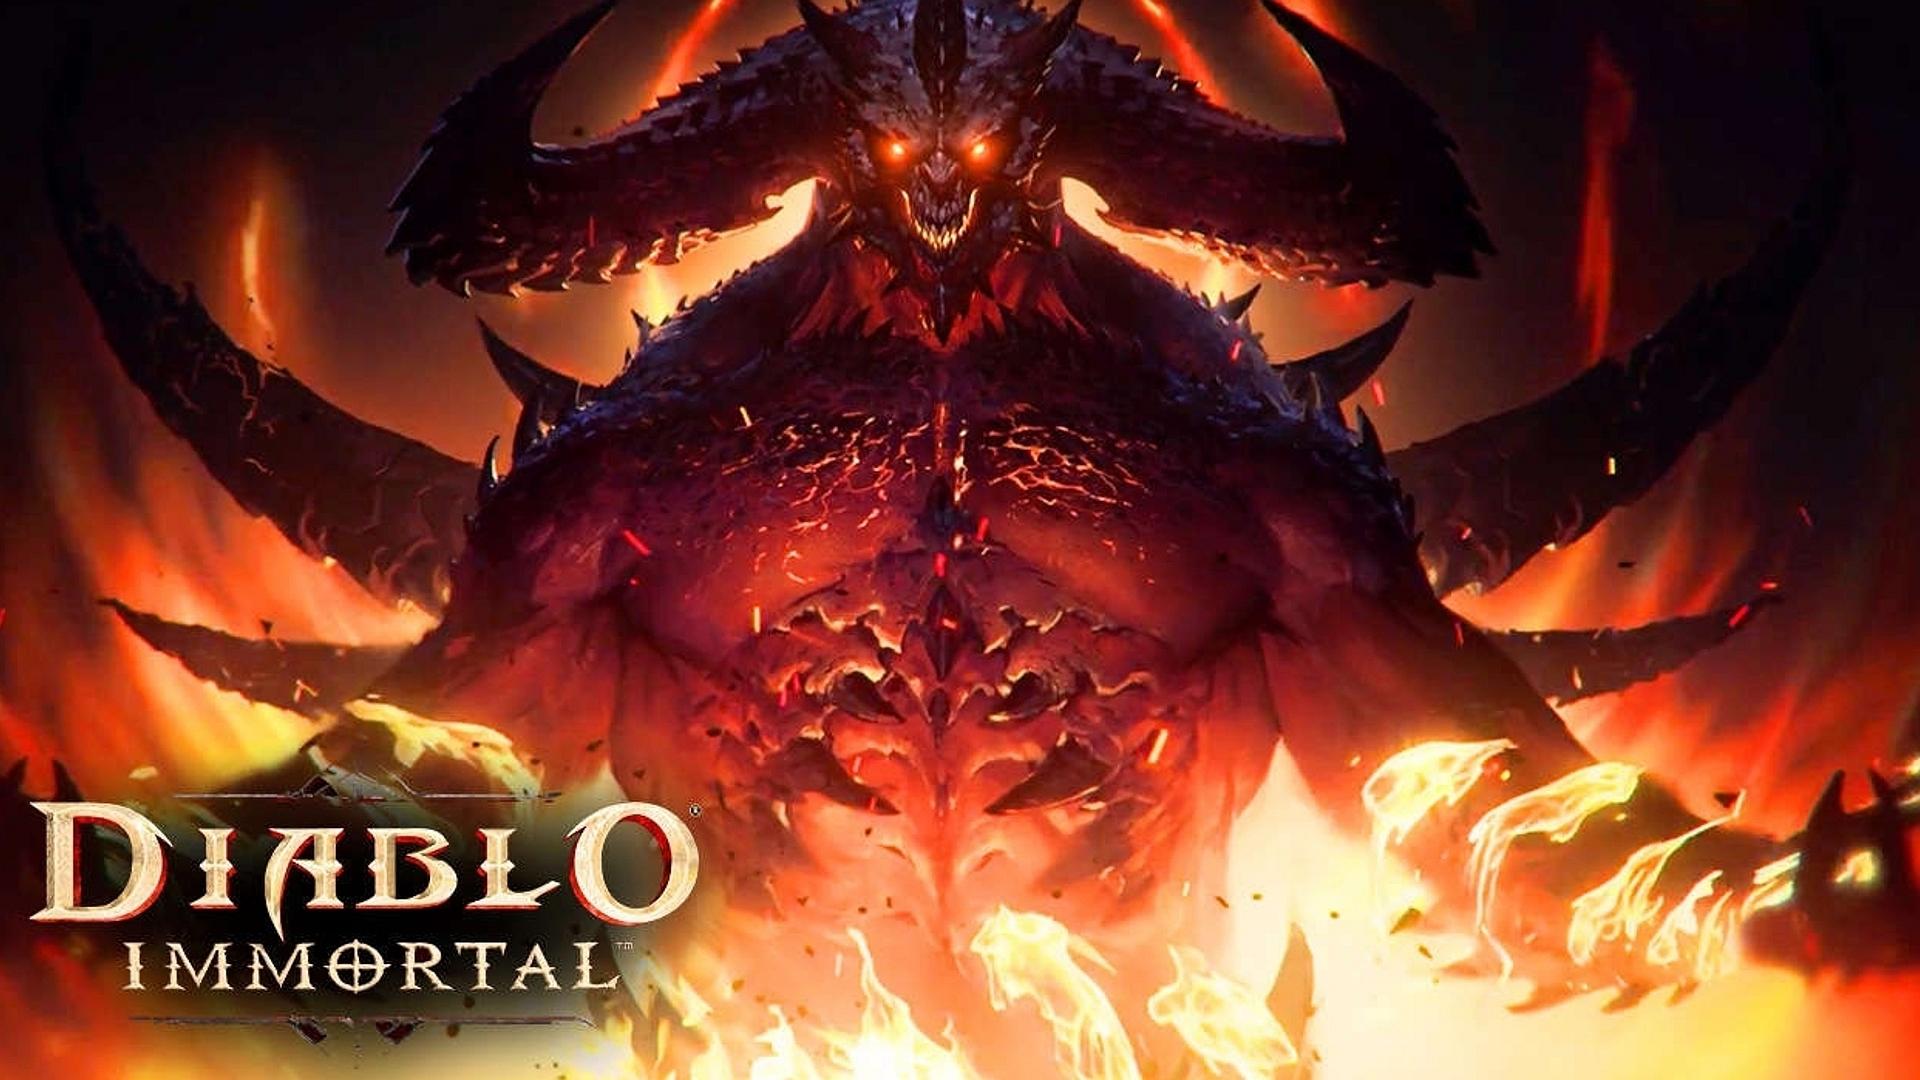 معرفی Diablo Immortal باعث خشم هواداران شده است